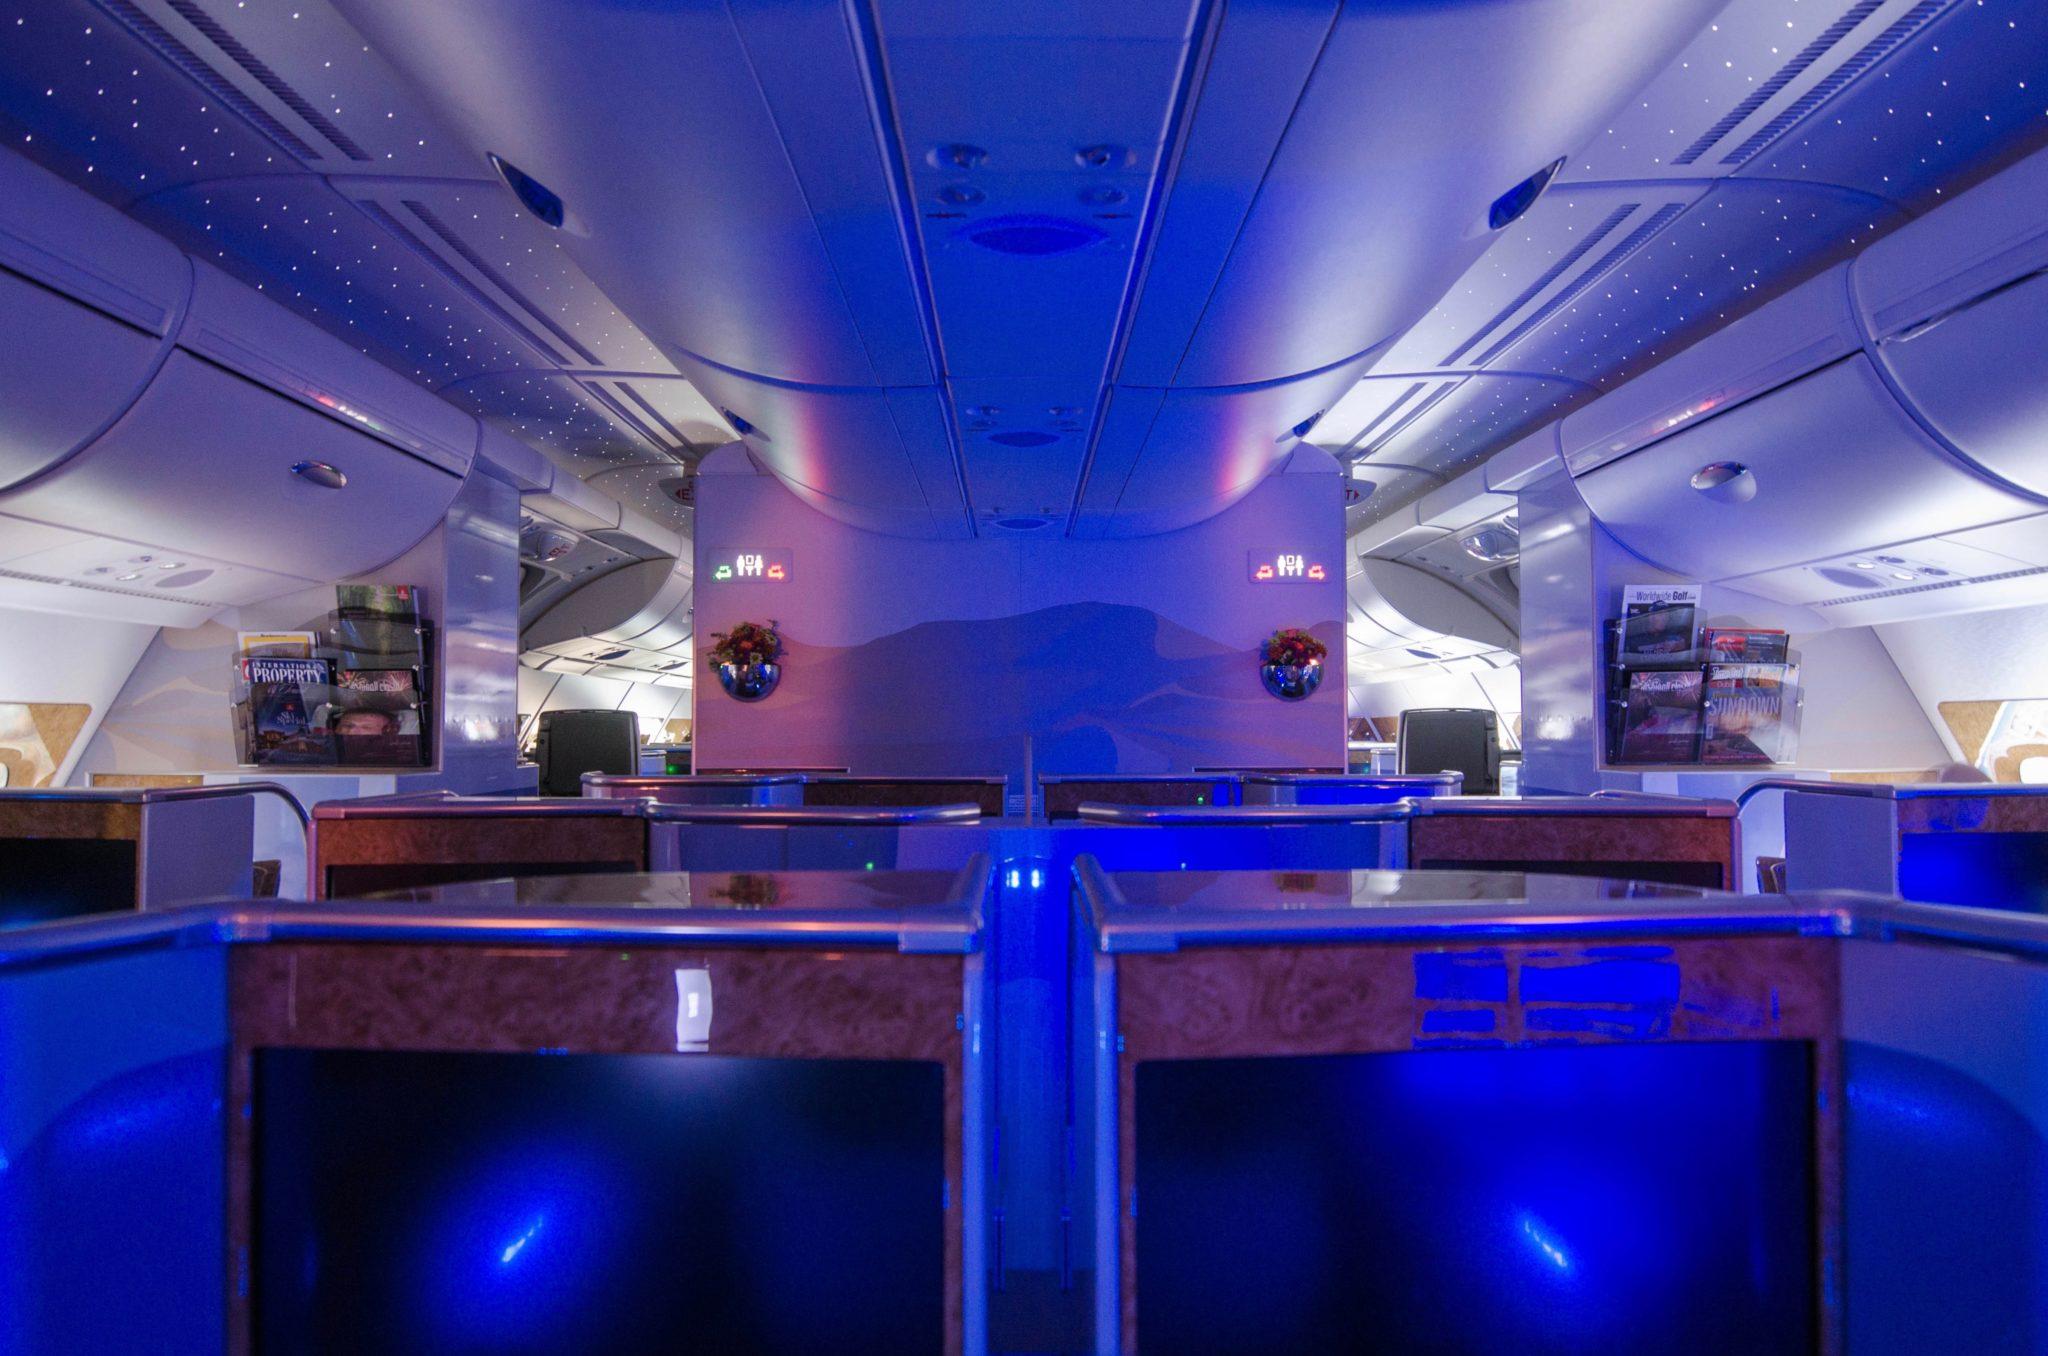 Die Kabine der Business Class bei Emirates im A380 ist groß und gemütlich.